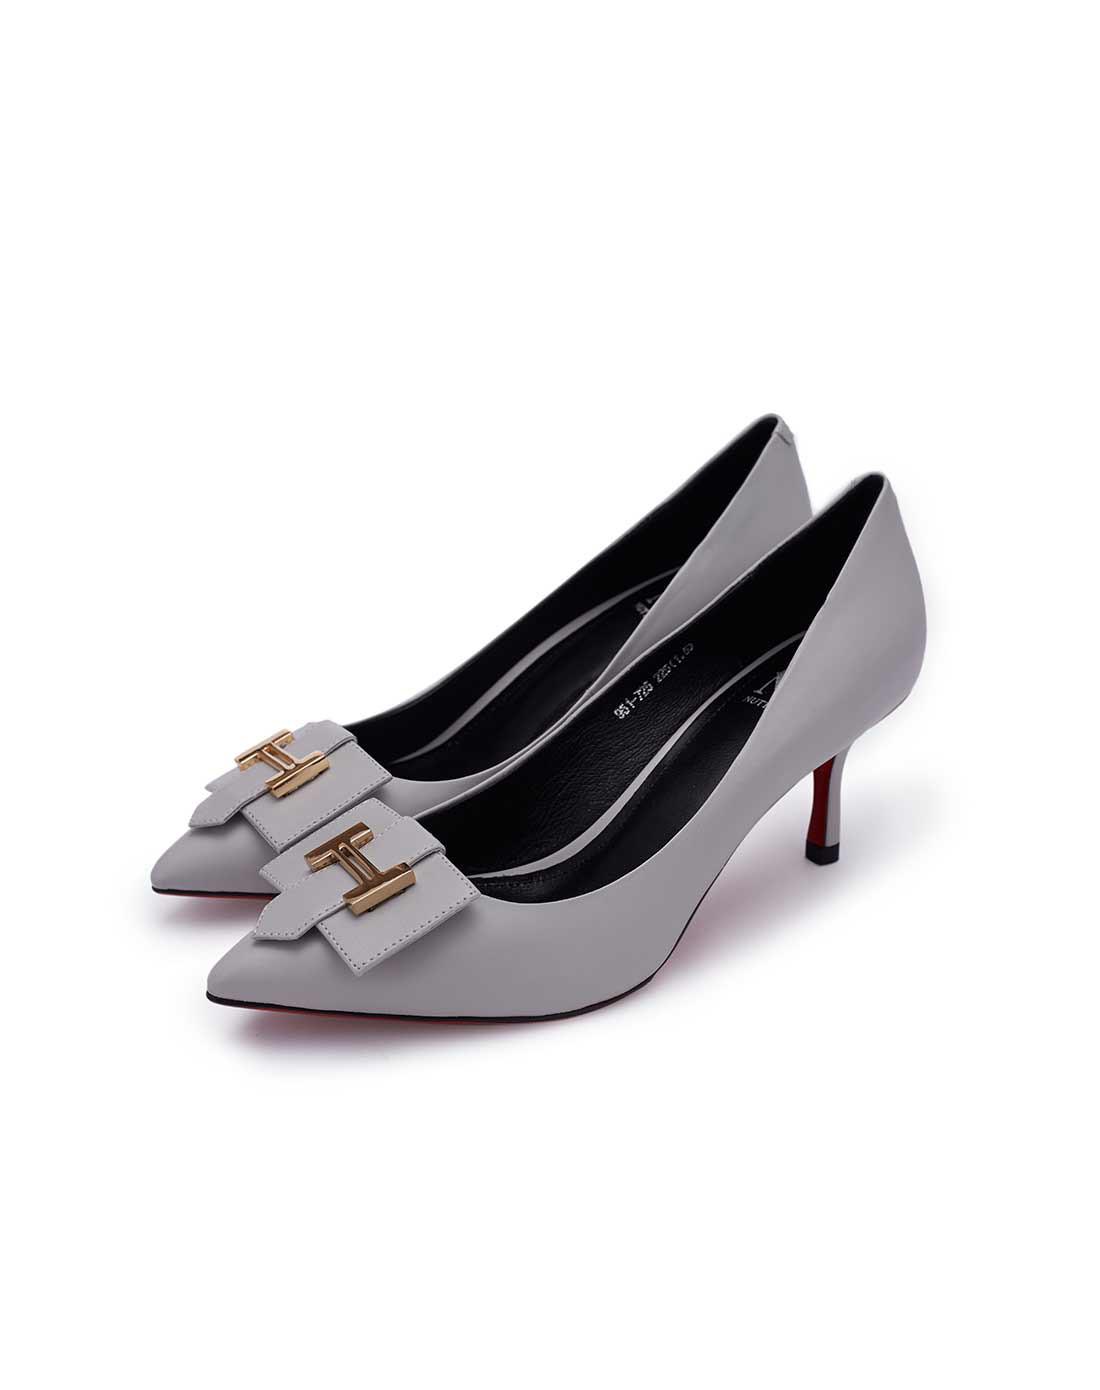 zowow 何思雨2016春夏新款女式单鞋